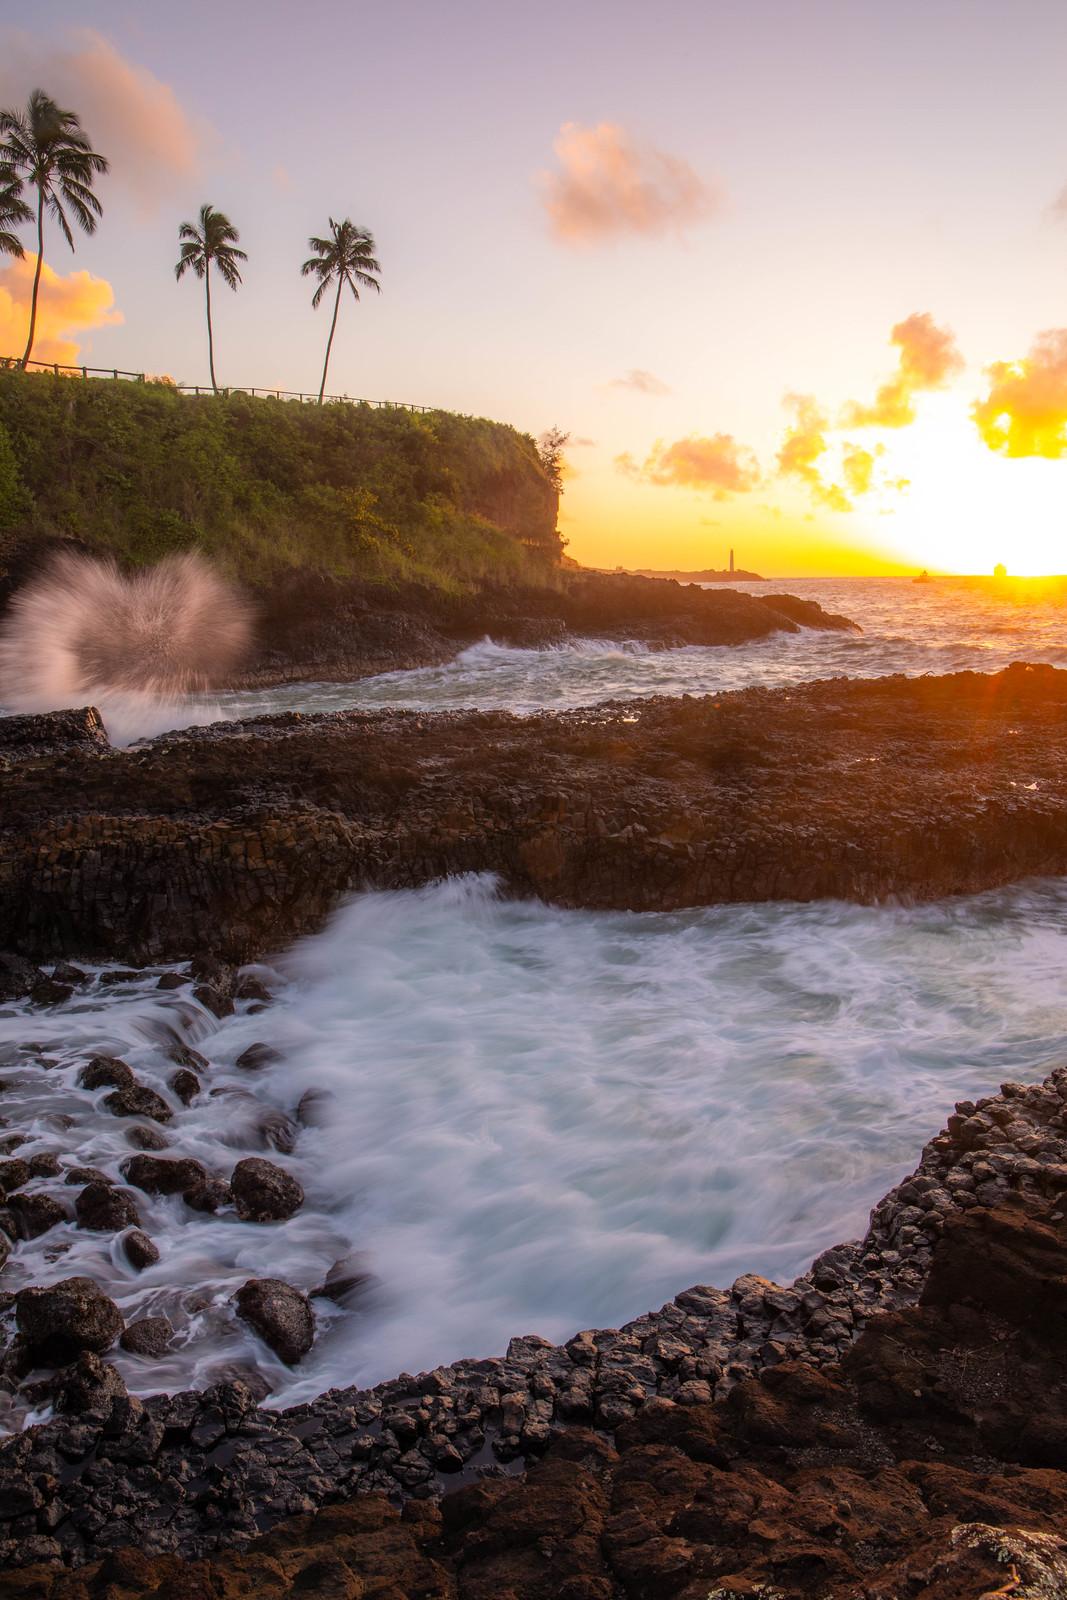 11.25. Kauai